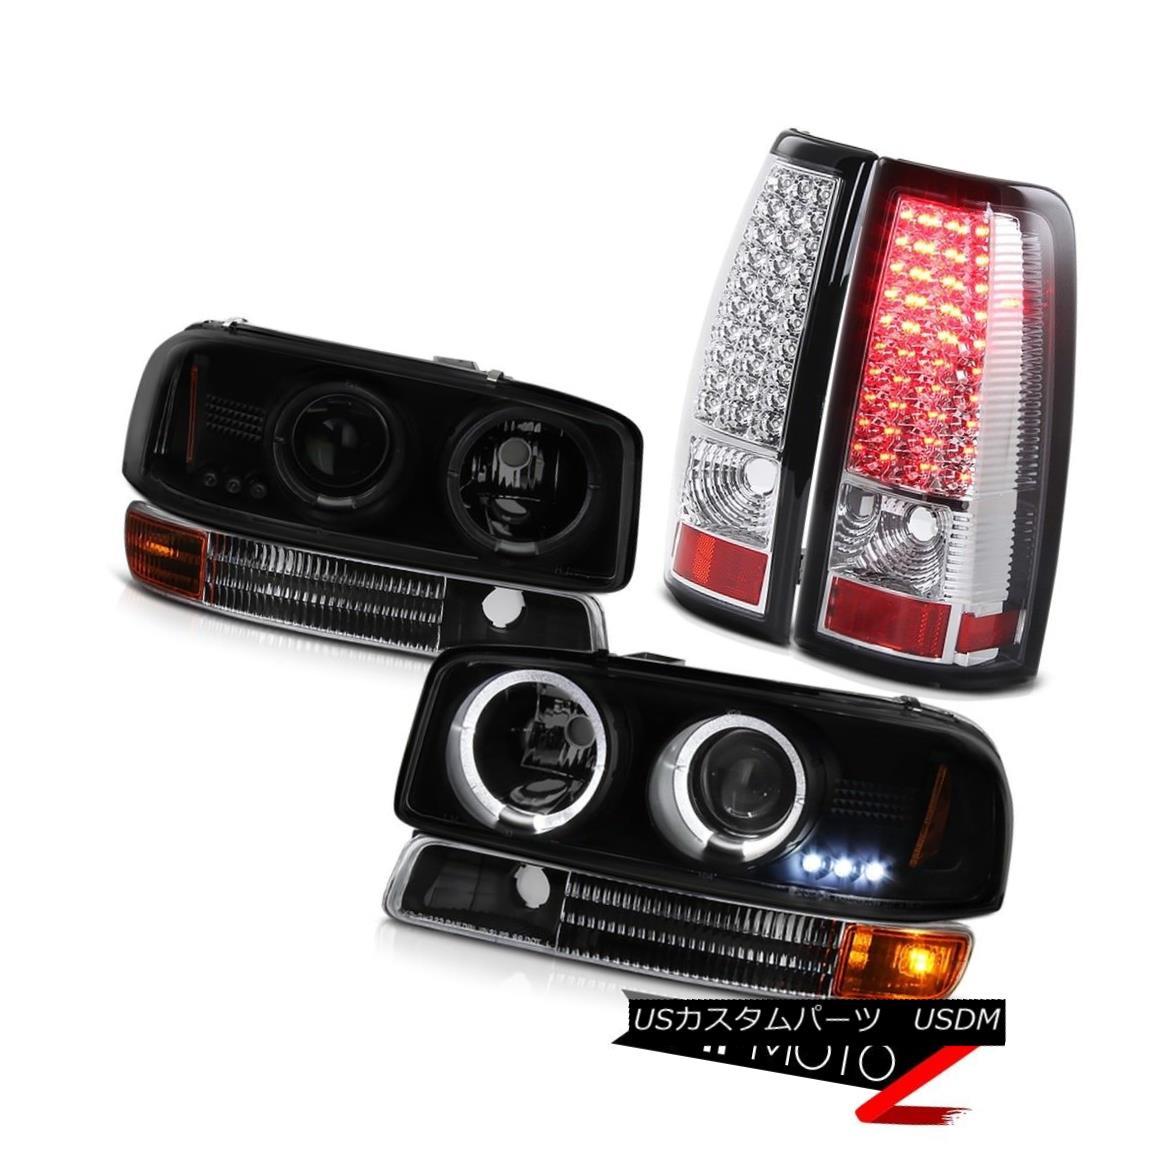 ヘッドライト 99-03 Sierra Z71 SMD DRL Headlamps Inky Black Bumper LED Bulb Brake Tail Lights 99-03 Sierra Z71 SMD DRLヘッドランプインキブラックバンパーLEDバルブブレーキテールライト